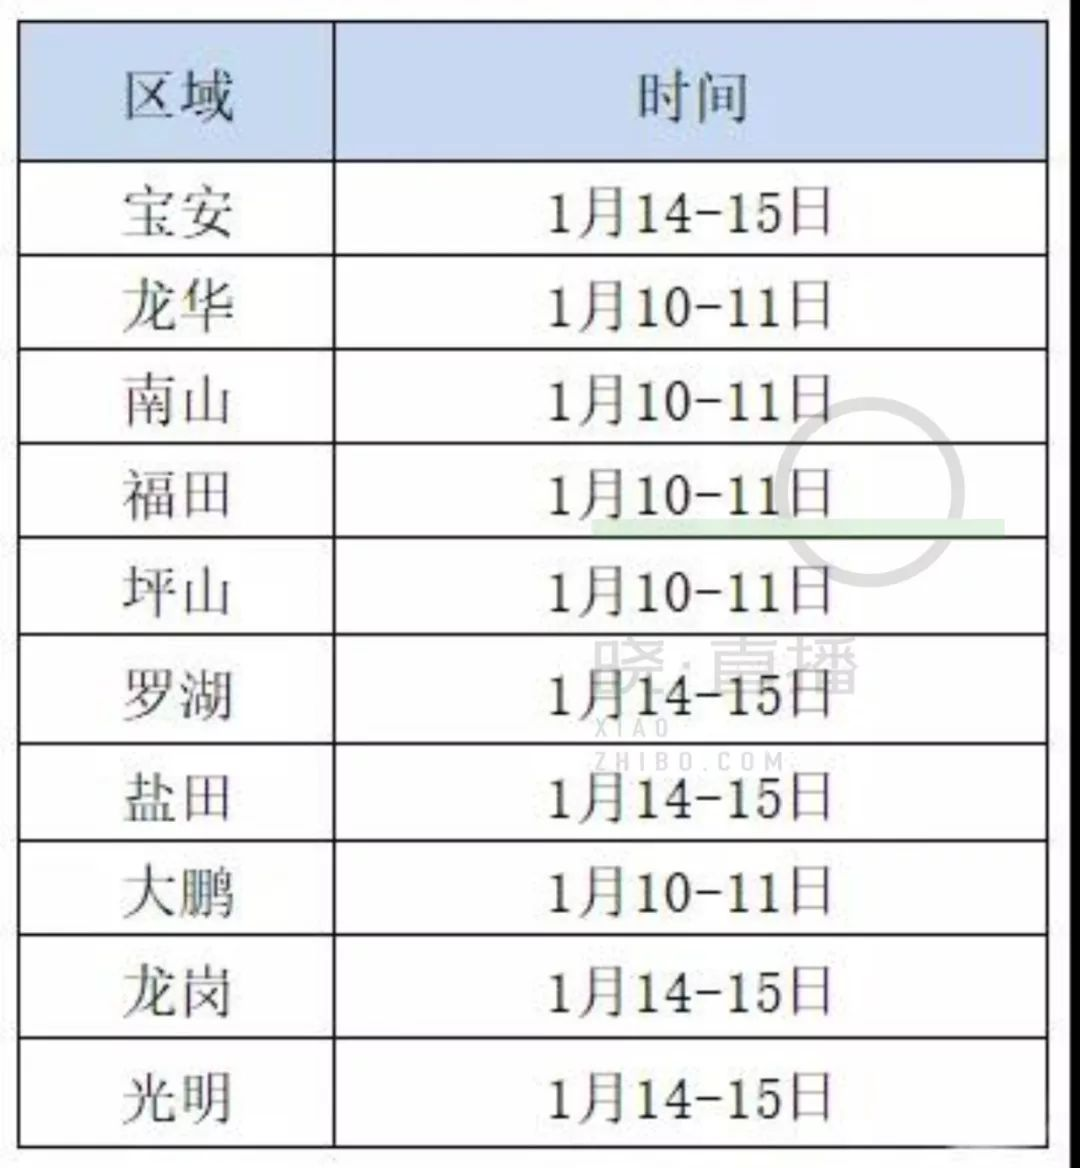 速看!广东初高中期末考试时间芭出炉!你是什华池县柔远初中图片